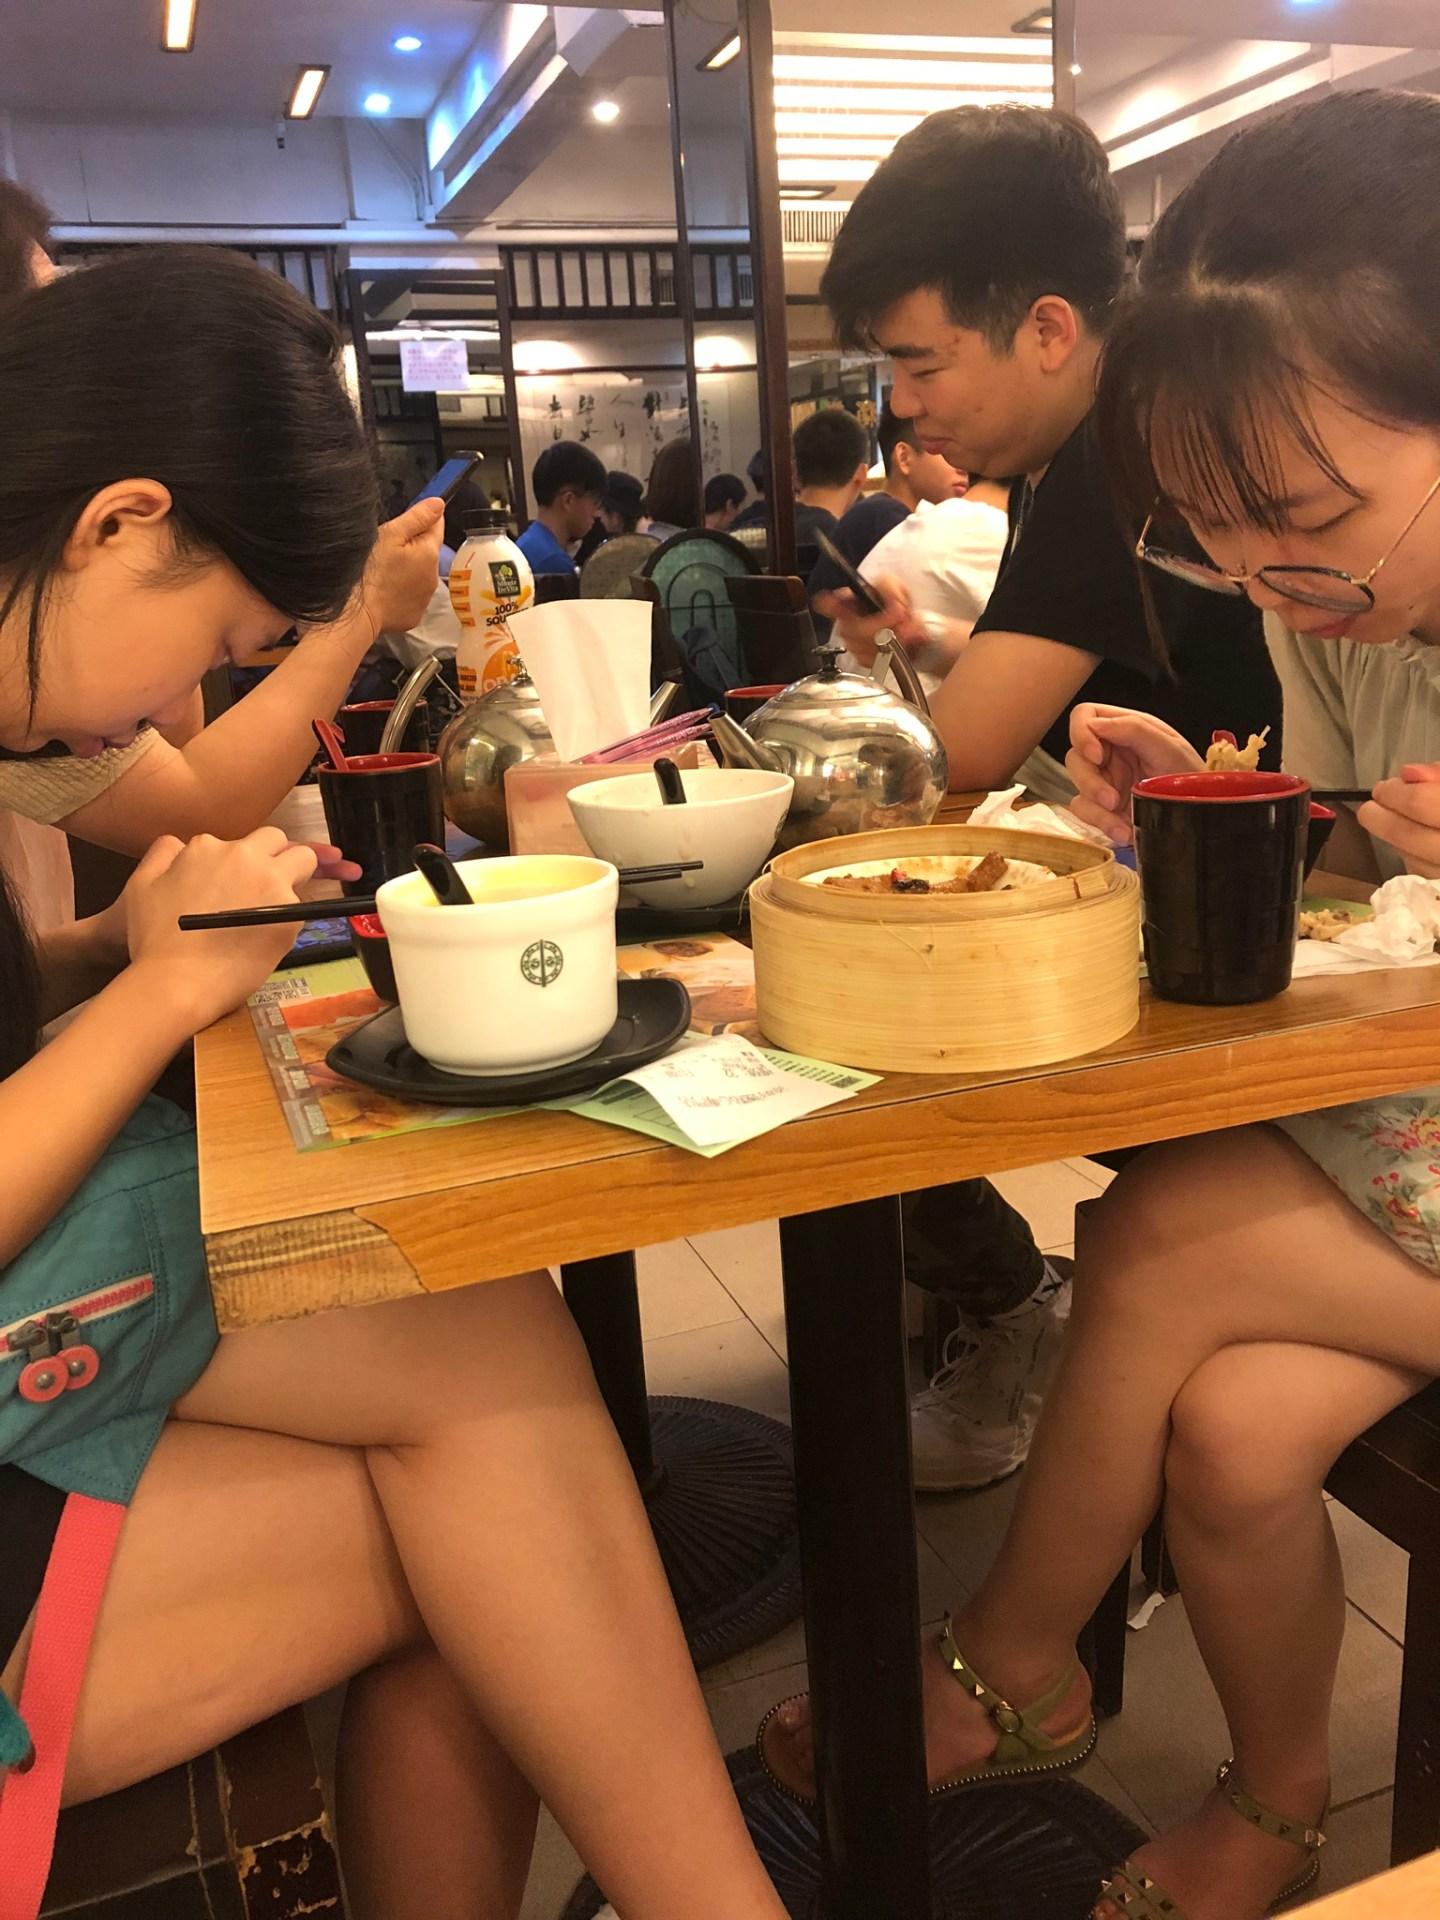 Diners at Tim Ho Wan, Hong Kong